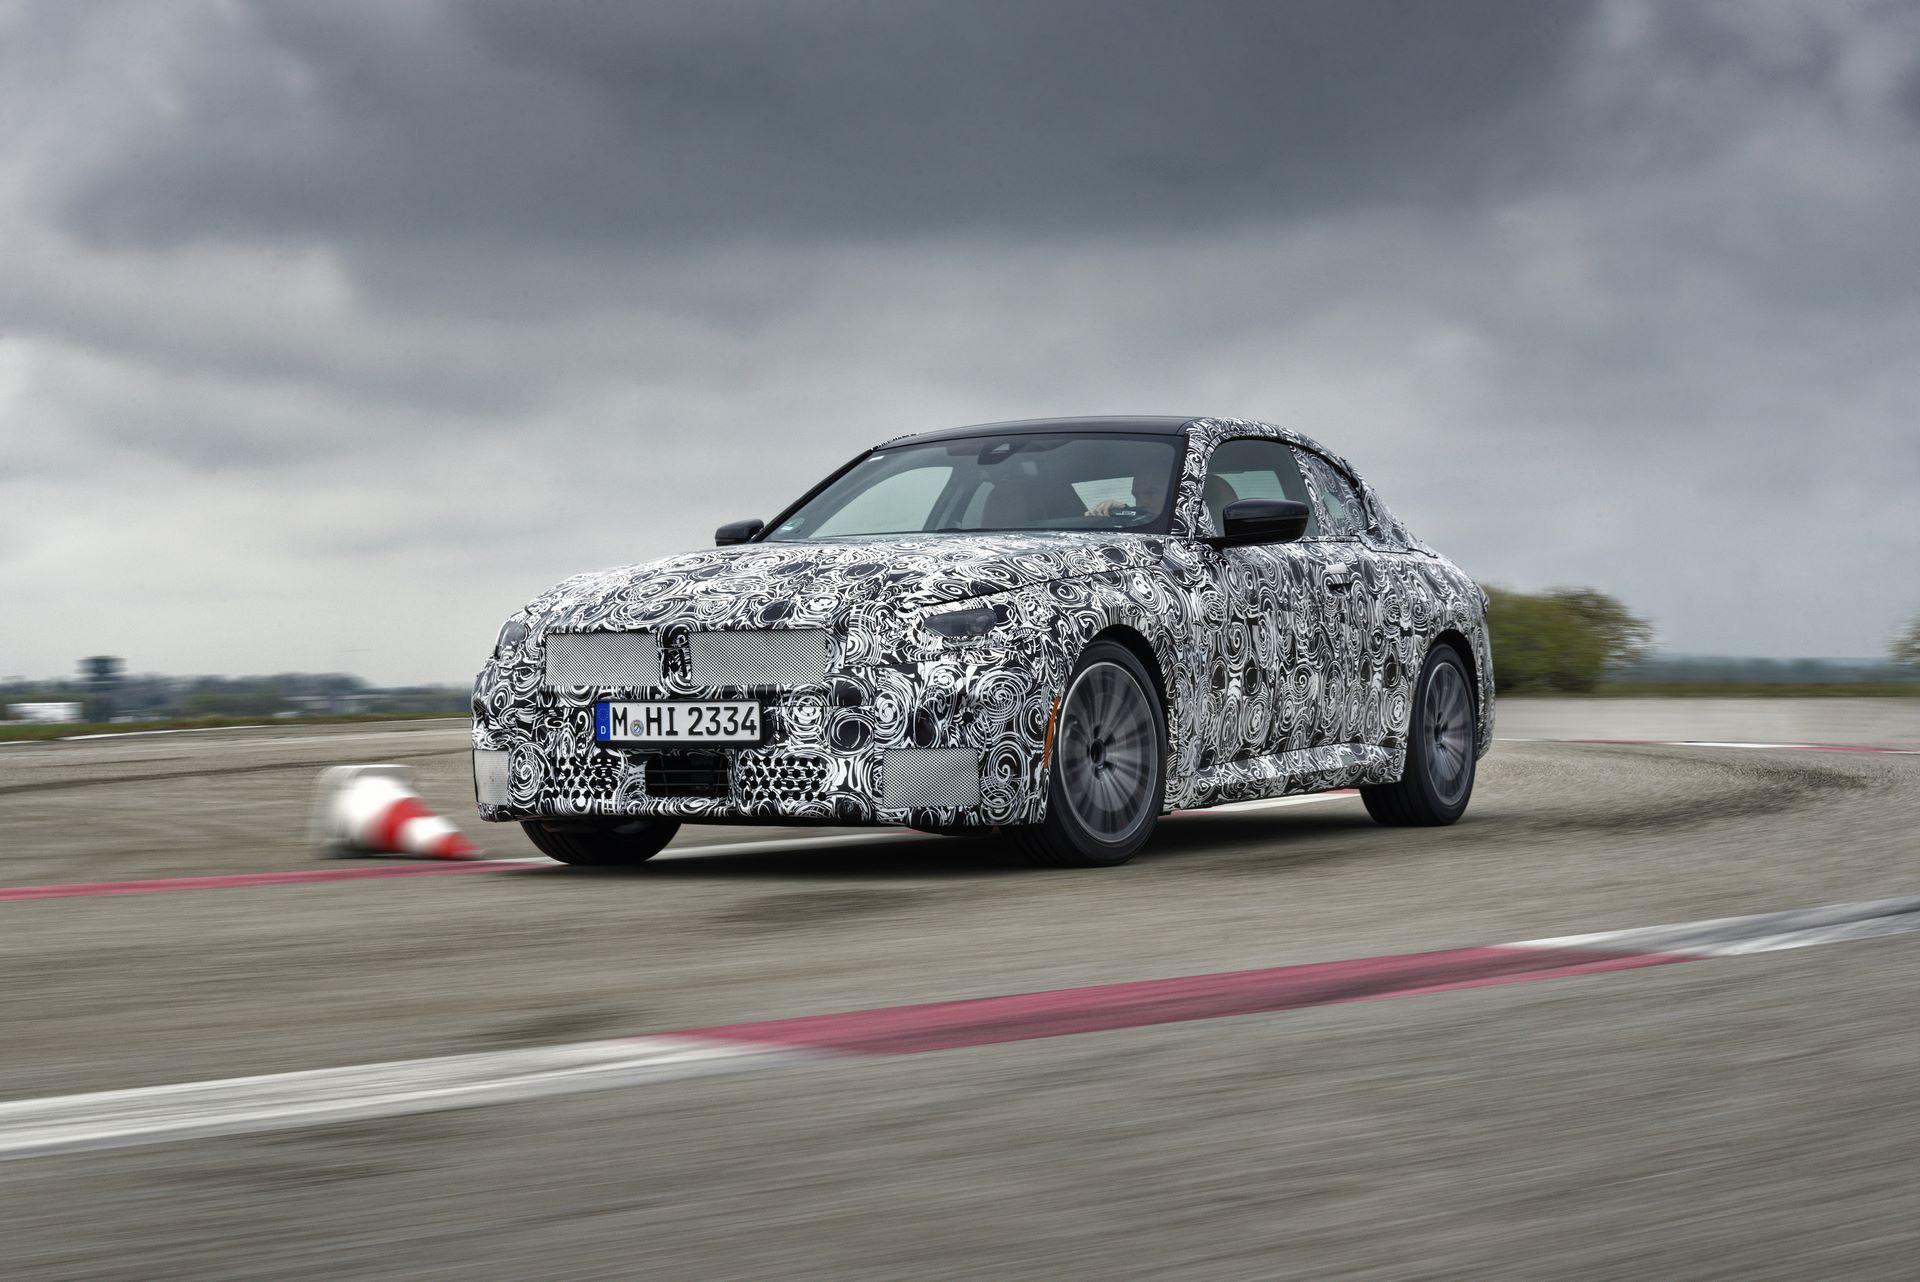 BMW-2-Series-M240i-spy-photos-17